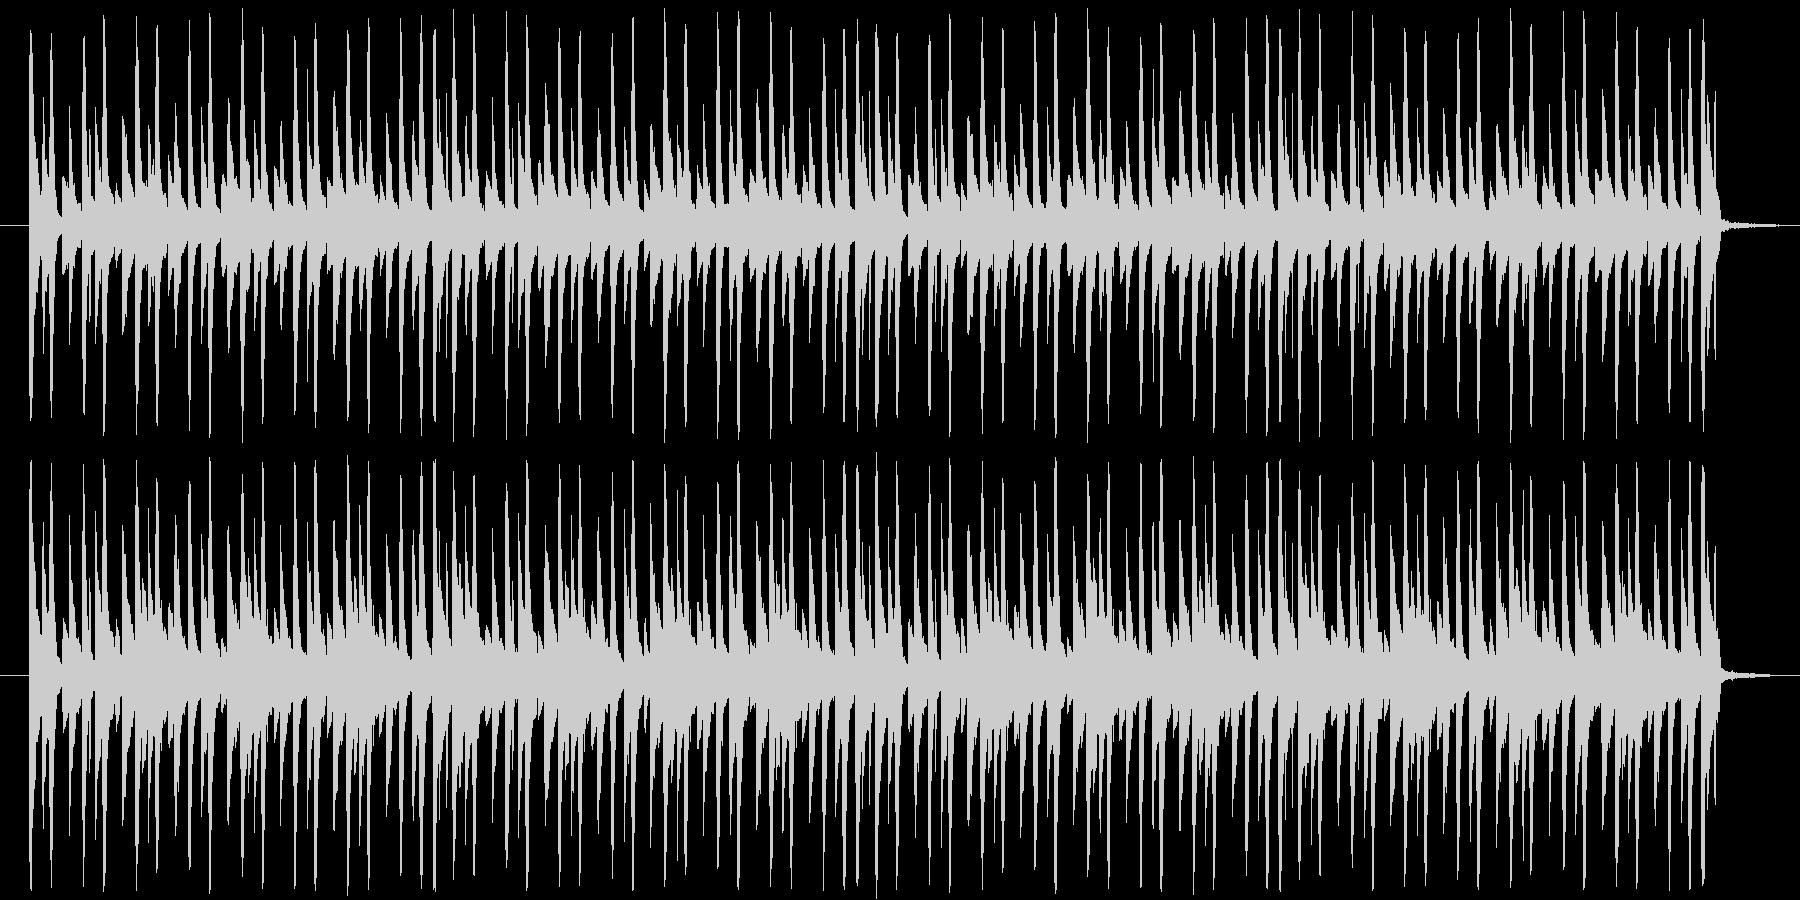 ループ素材です。チップチューン風となっ…の未再生の波形